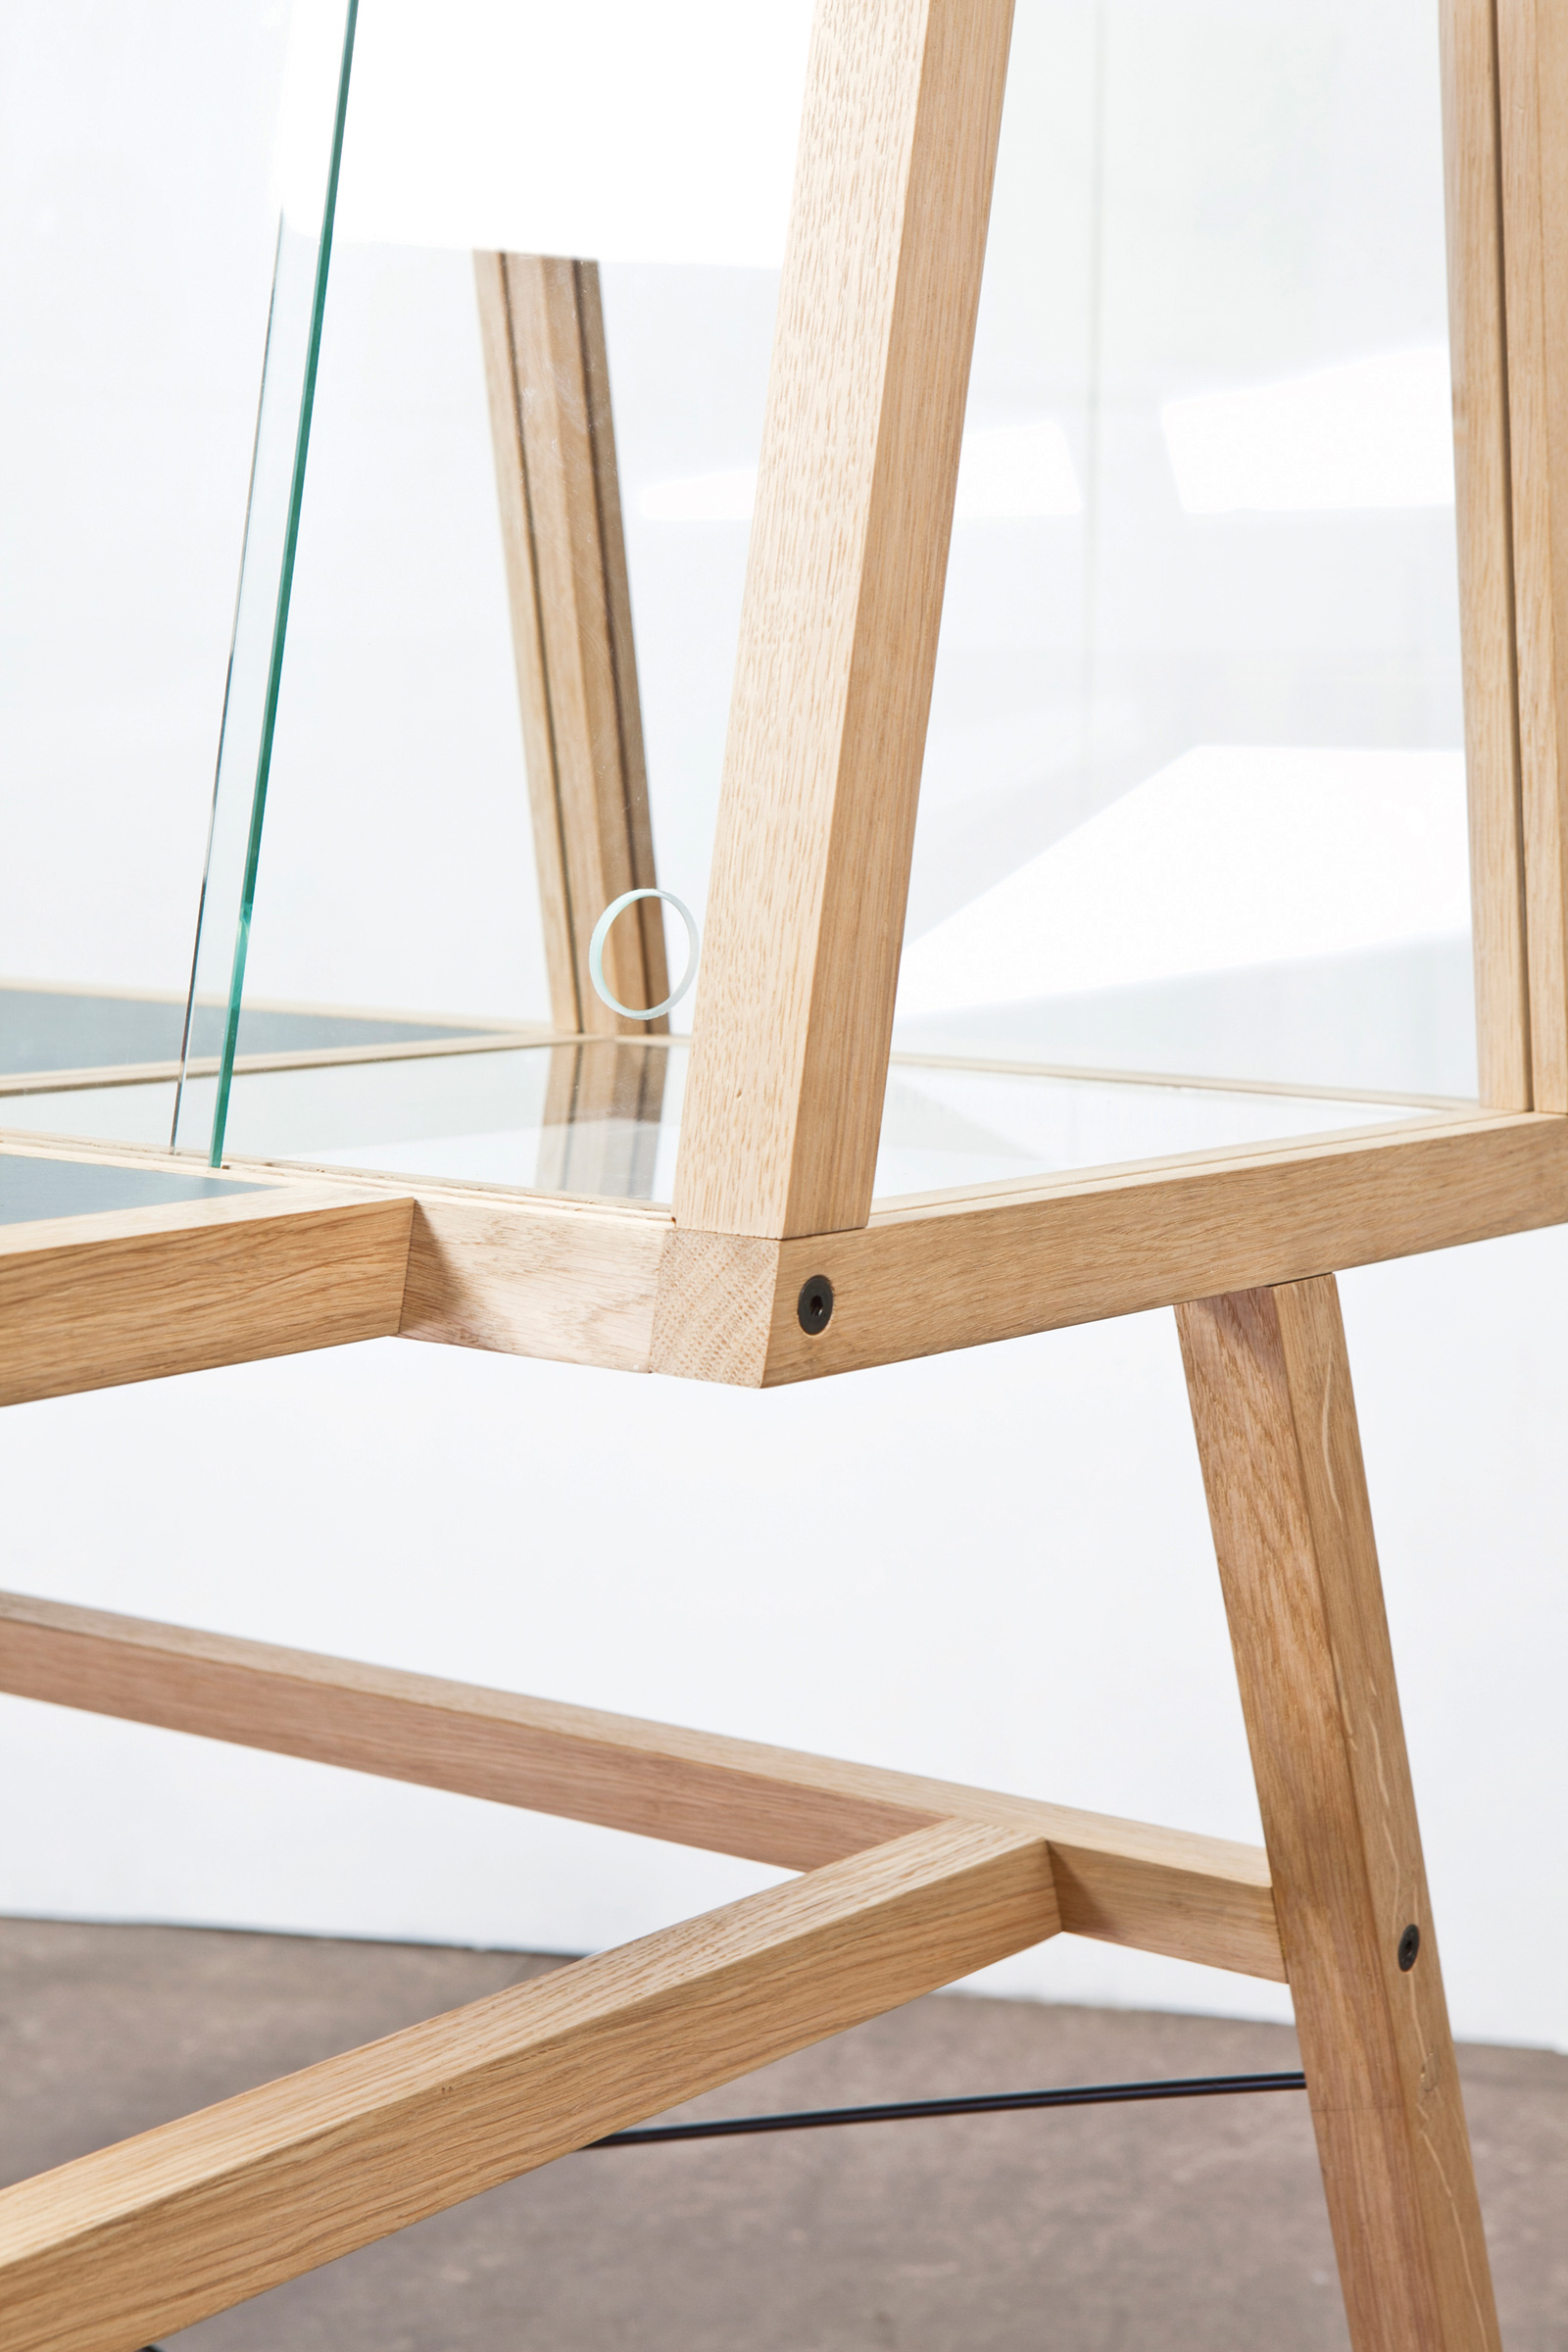 Winding Tower / Studio Mieke Meijer